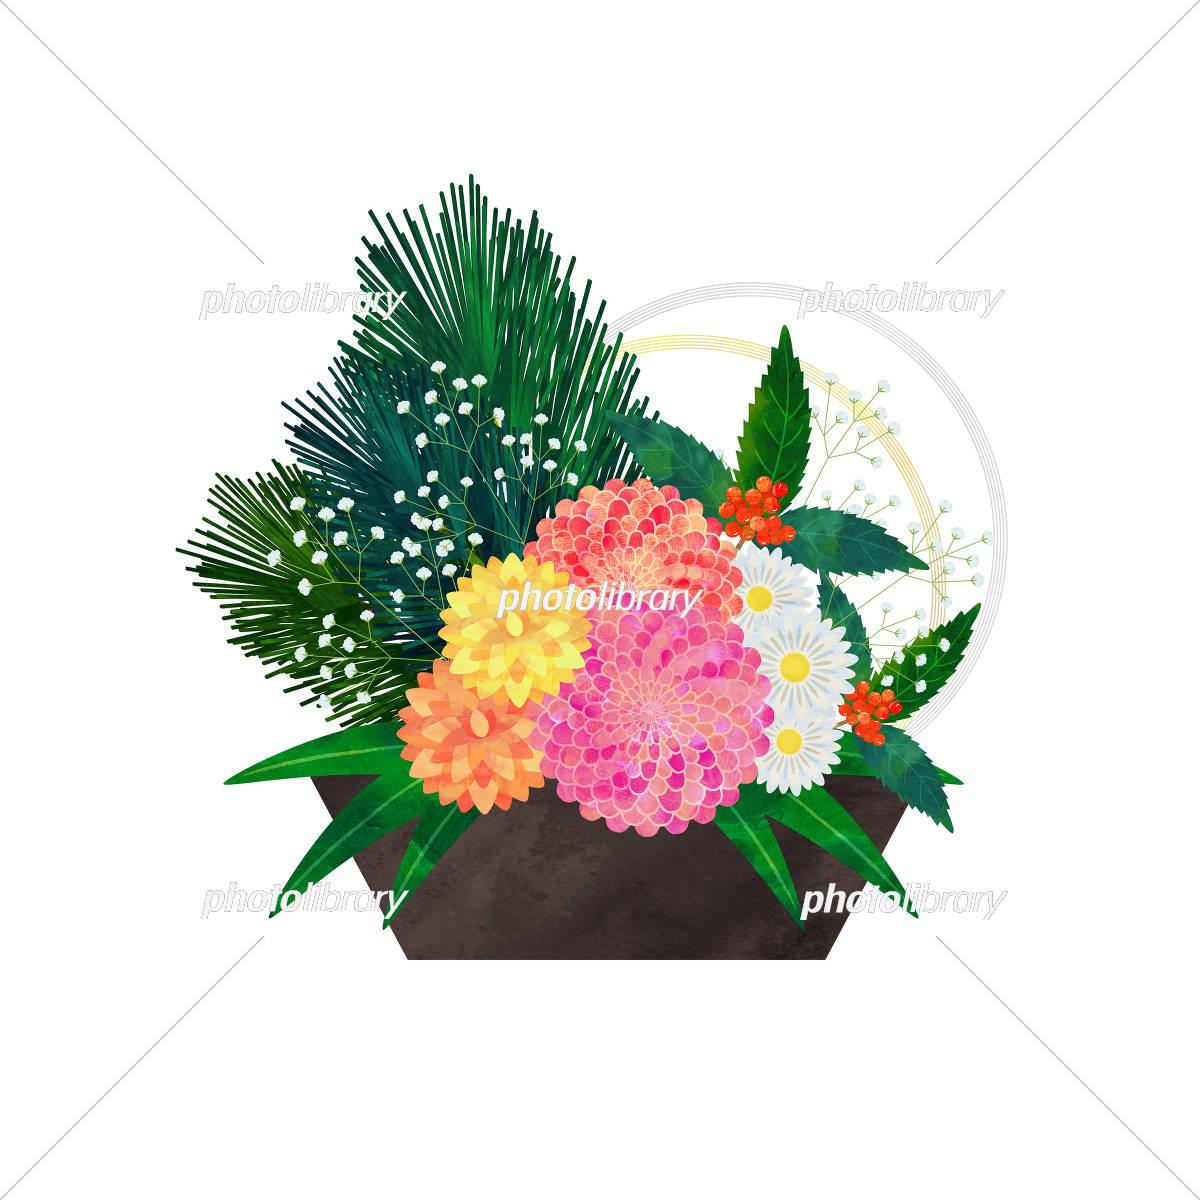 正月飾り 花 イラスト素材 5810819 フォトライブラリー Photolibrary